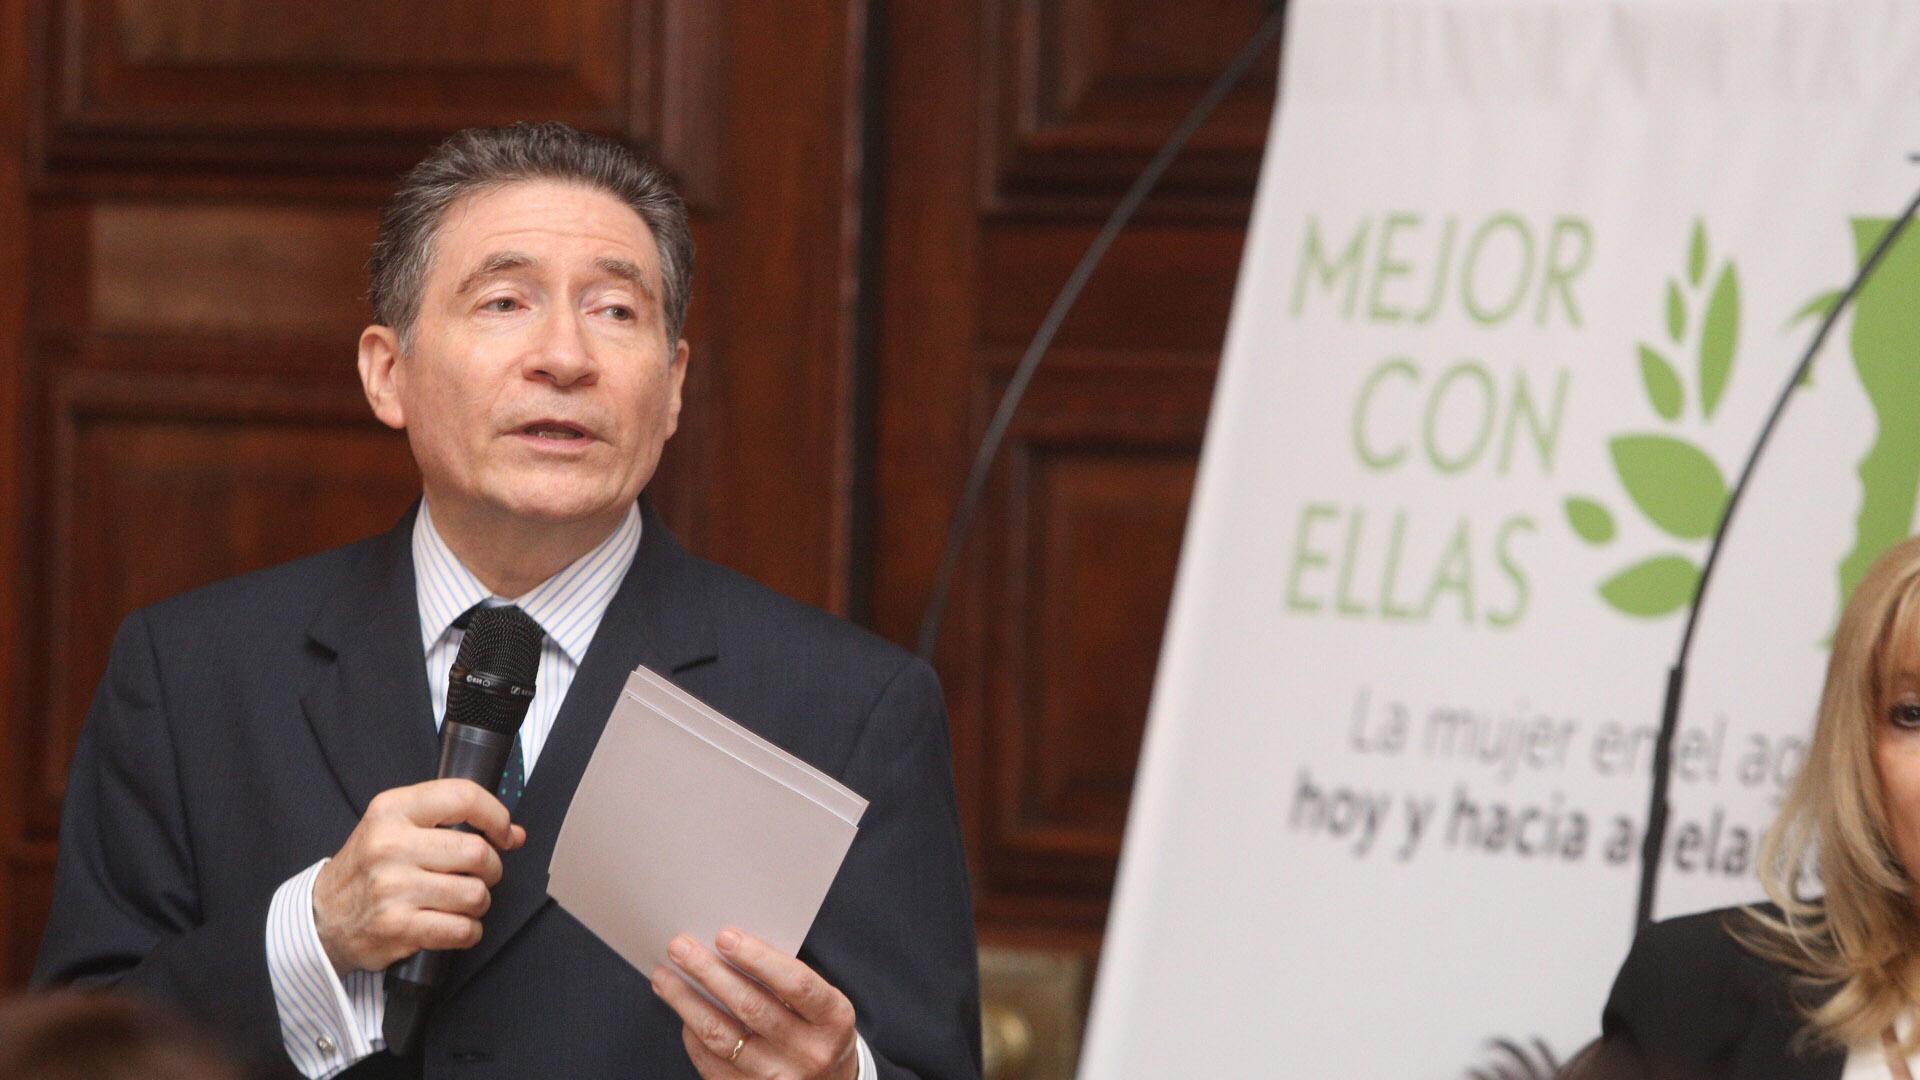 El embajador Guignard abrió la jornada señalando que un mayor protagonismo de las mujeres es una contribución ala lucha contra las desigualdades y la pobreza